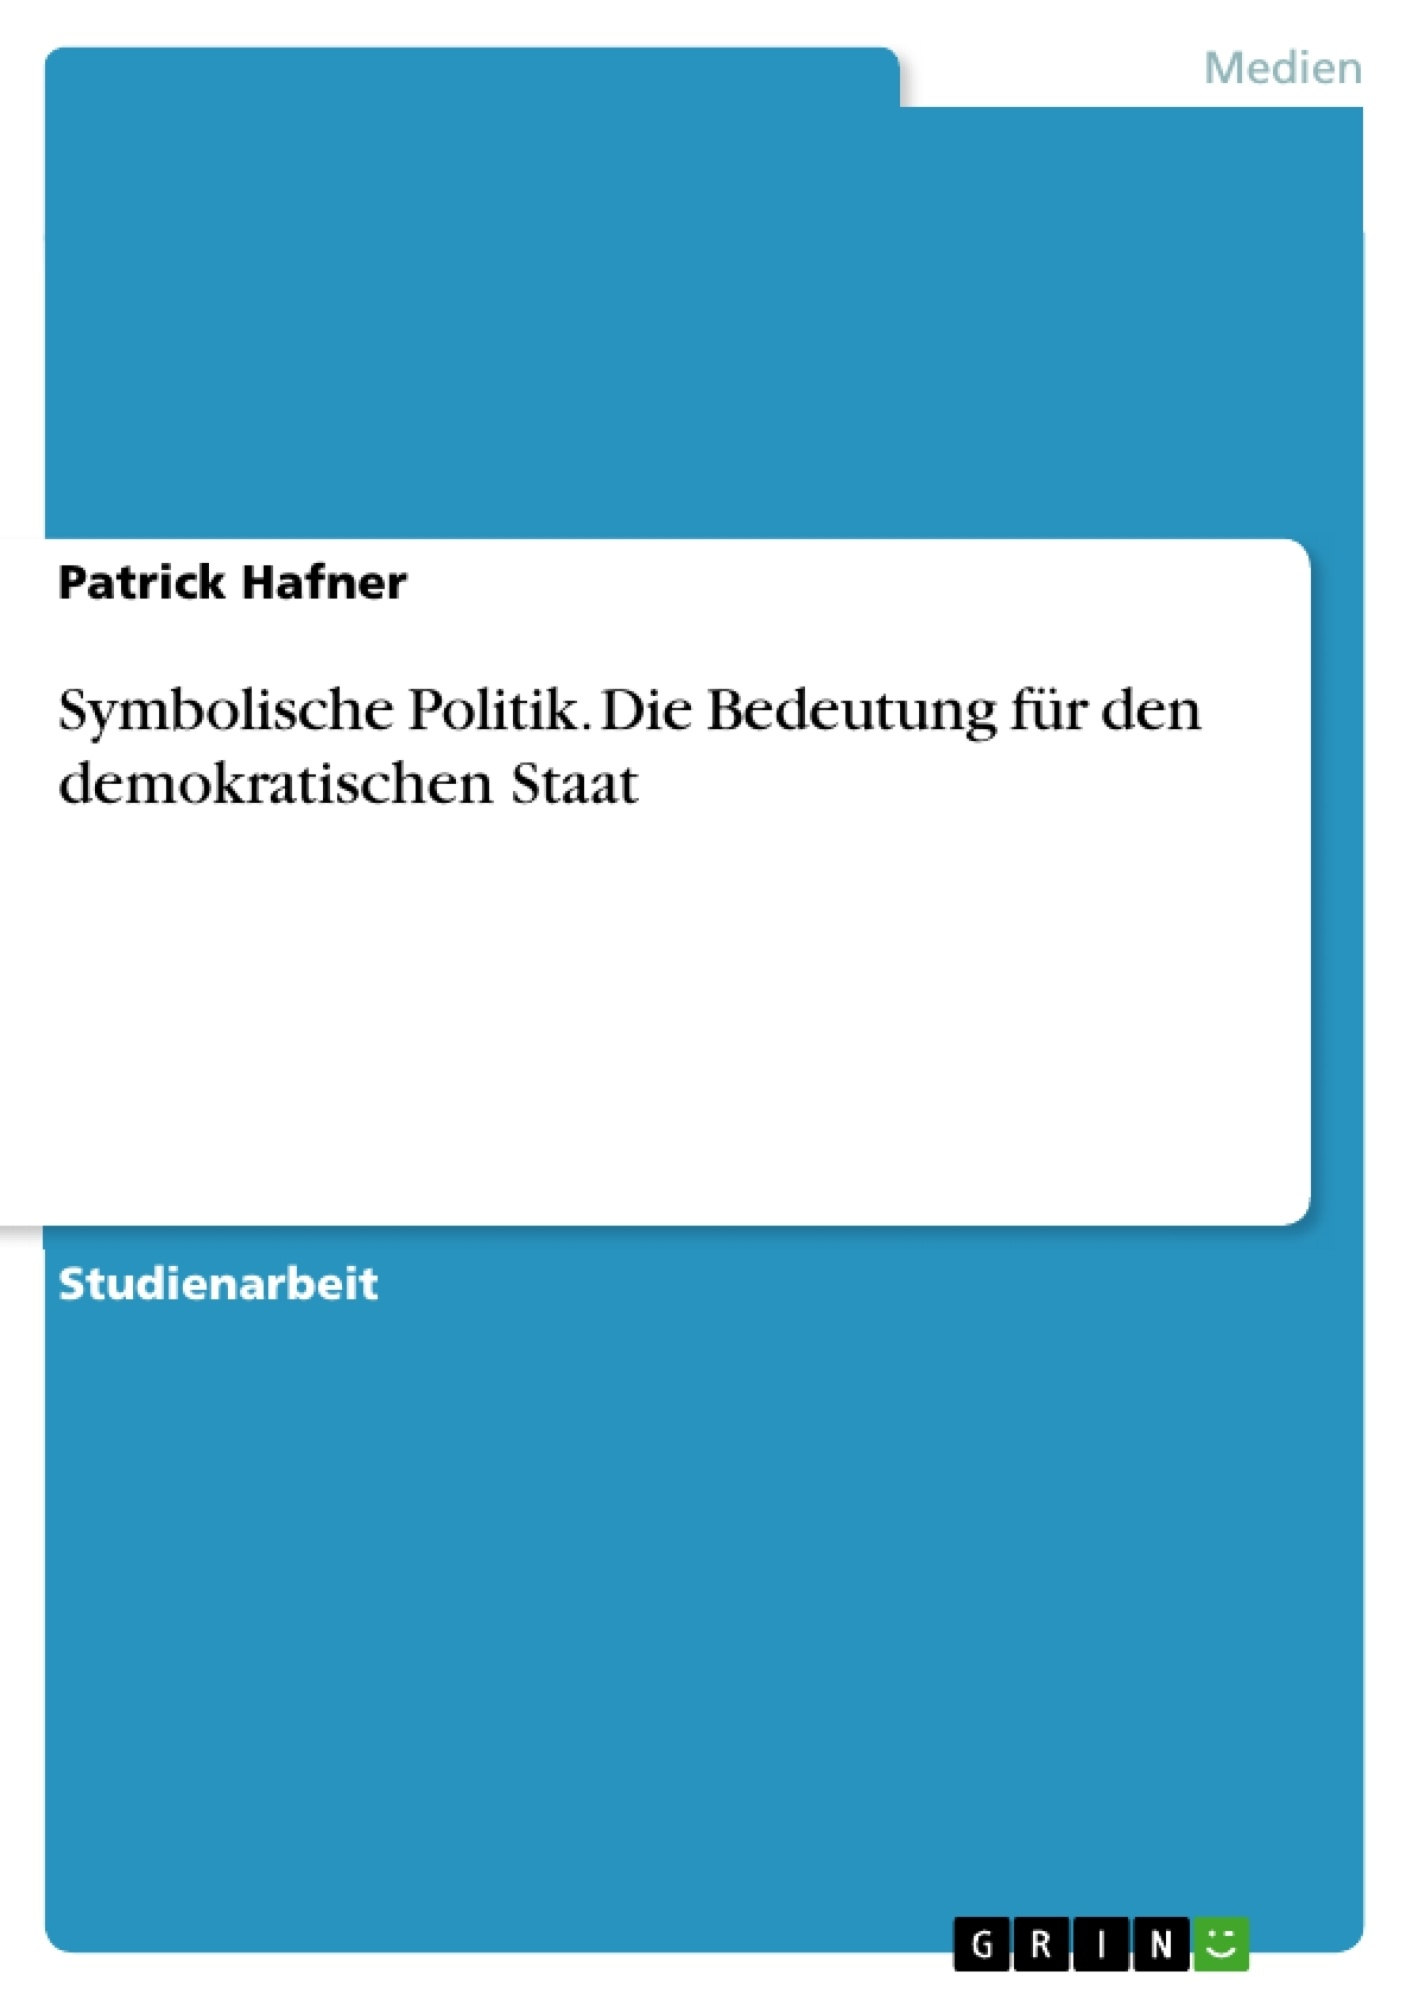 Titel: Symbolische Politik. Die Bedeutung für den demokratischen Staat